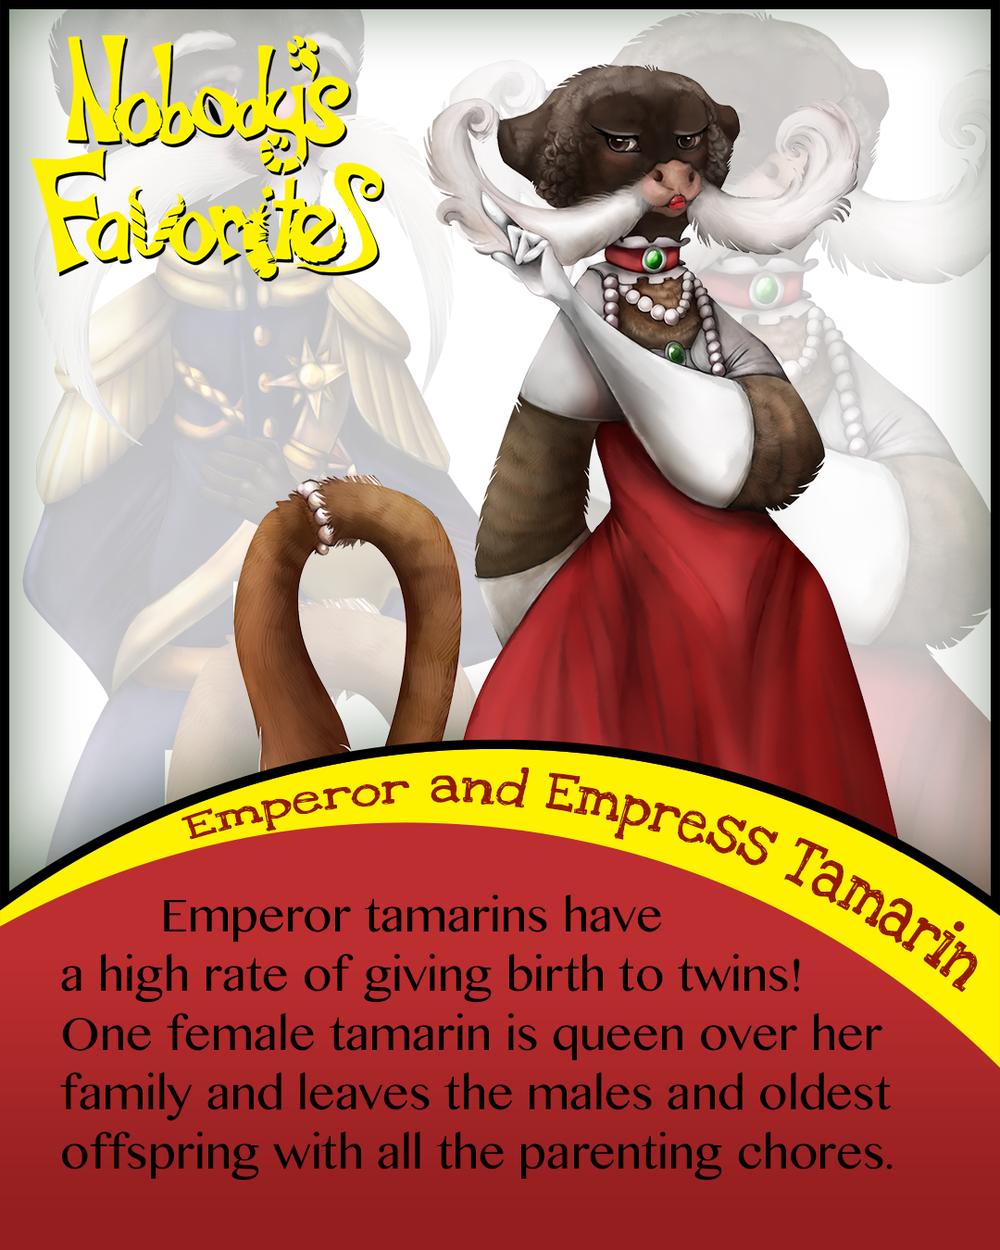 Emperor Tamarin - Fact 2